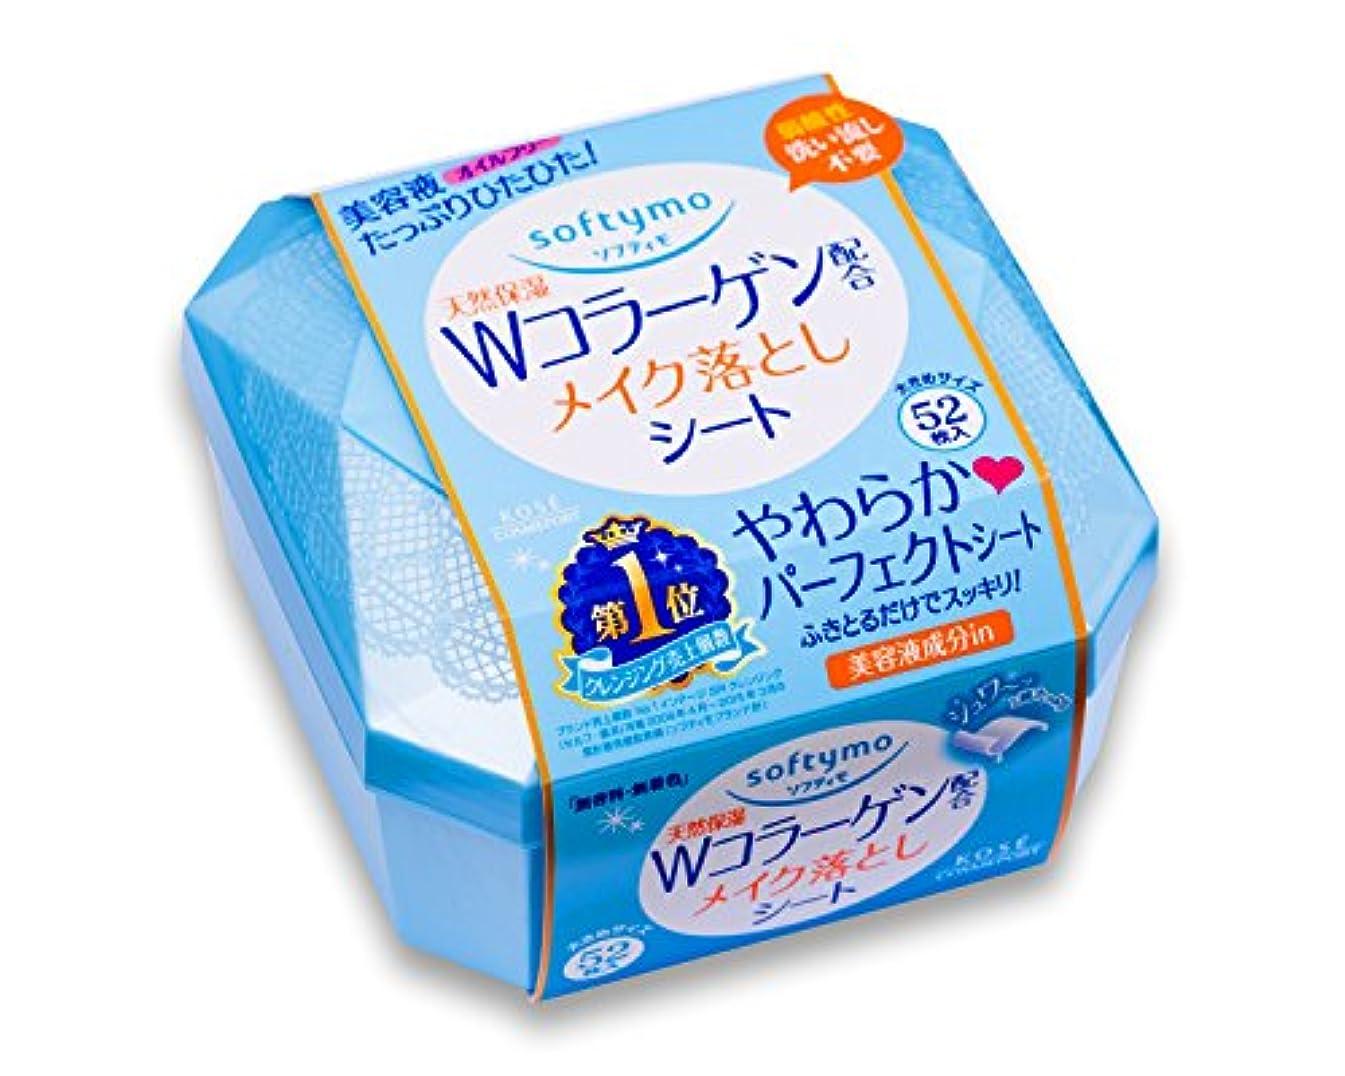 白い尊敬焦げKOSE コーセー ソフティモ メイク落としシート(C) b (コラーゲン) 52枚入 (172ml)